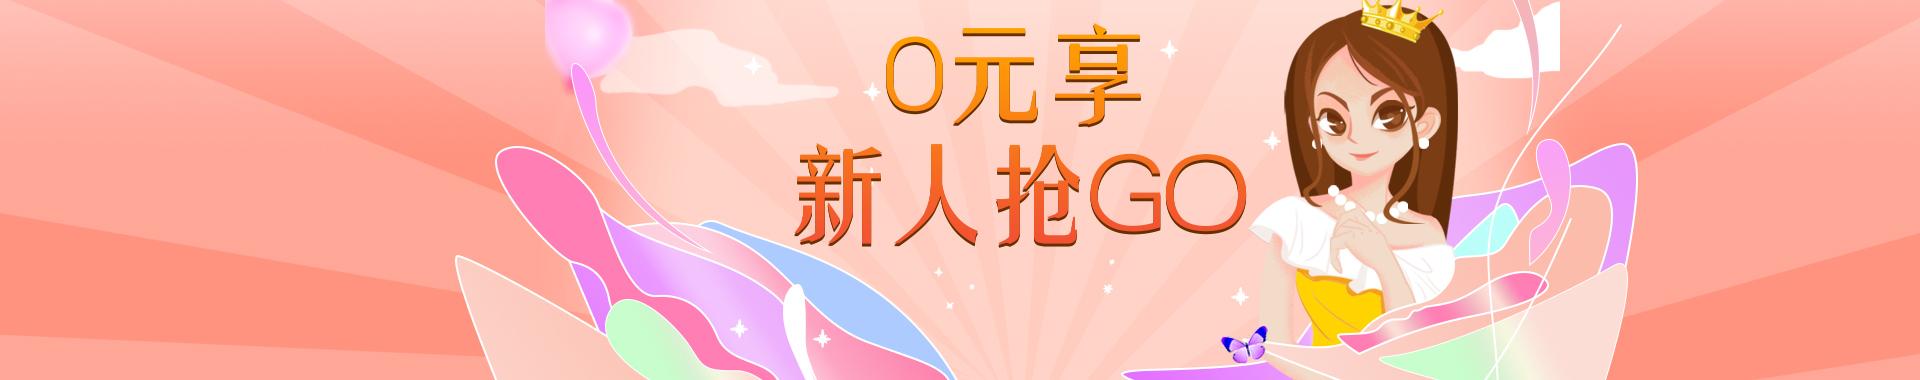 女王節預熱期pc banner